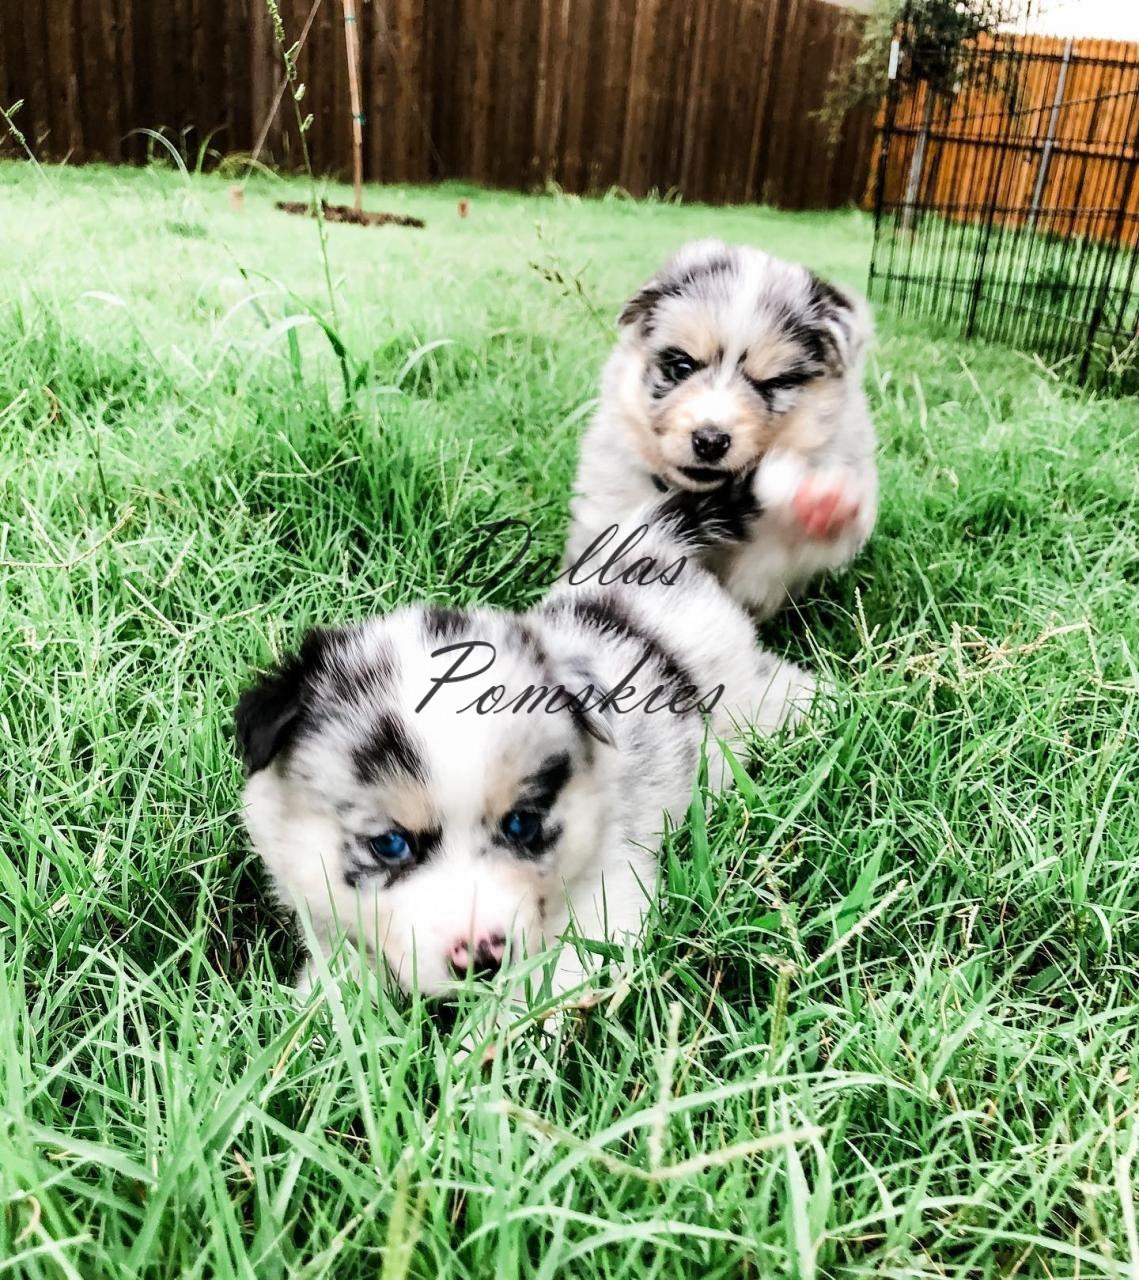 TAG, you're it! . . #pomsky #pomskies #pomskys #pomskypuppy #pomskypuppies #pomskybreeder #dallaspomskies #merle #bluemerle #merlepomsky #husky #pomeranian #dogsofinstagram #dogsofig #puppies #puppiesofinstgram #dallas #tx #texas #merlepuppy #blueeyes #blueeyedpuppy #cuddle #puppiesforsale #pomskypuppiesforsale TAG, you're it! . . #pomsky #pomskies #pomskys #pomskypuppy #pomskypuppies #pomskybreeder #dallaspomskies #merle #bluemerle #merlepomsky #husky #pomeranian #dogsofinstagram #dogsofig #puppies #puppiesofinstgram #dallas #tx #texas #merlepuppy #blueeyes #blueeyedpuppy #cuddle #puppiesforsale #pomskypuppiesforsale 118948242 3133303330056299 7690187761298988976 n TAG, you're it! . . #pomsky #pomskies #pomskys #pomskypuppy #pomskypuppies #pomskybreeder #dallaspomskies #merle #bluemerle #merlepomsky #husky #pomeranian #dogsofinstagram #dogsofig #puppies #puppiesofinstgram #dallas #tx #texas #merlepuppy #blueeyes #blueeyedpuppy #cuddle #puppiesforsale #pomskypuppiesforsale TAG, you're it! . . #pomsky #pomskies #pomskys #pomskypuppy #pomskypuppies #pomskybreeder #dallaspomskies #merle #bluemerle #merlepomsky #husky #pomeranian #dogsofinstagram #dogsofig #puppies #puppiesofinstgram #dallas #tx #texas #merlepuppy #blueeyes #blueeyedpuppy #cuddle #puppiesforsale #pomskypuppiesforsale 118948242 3133303330056299 7690187761298988976 n